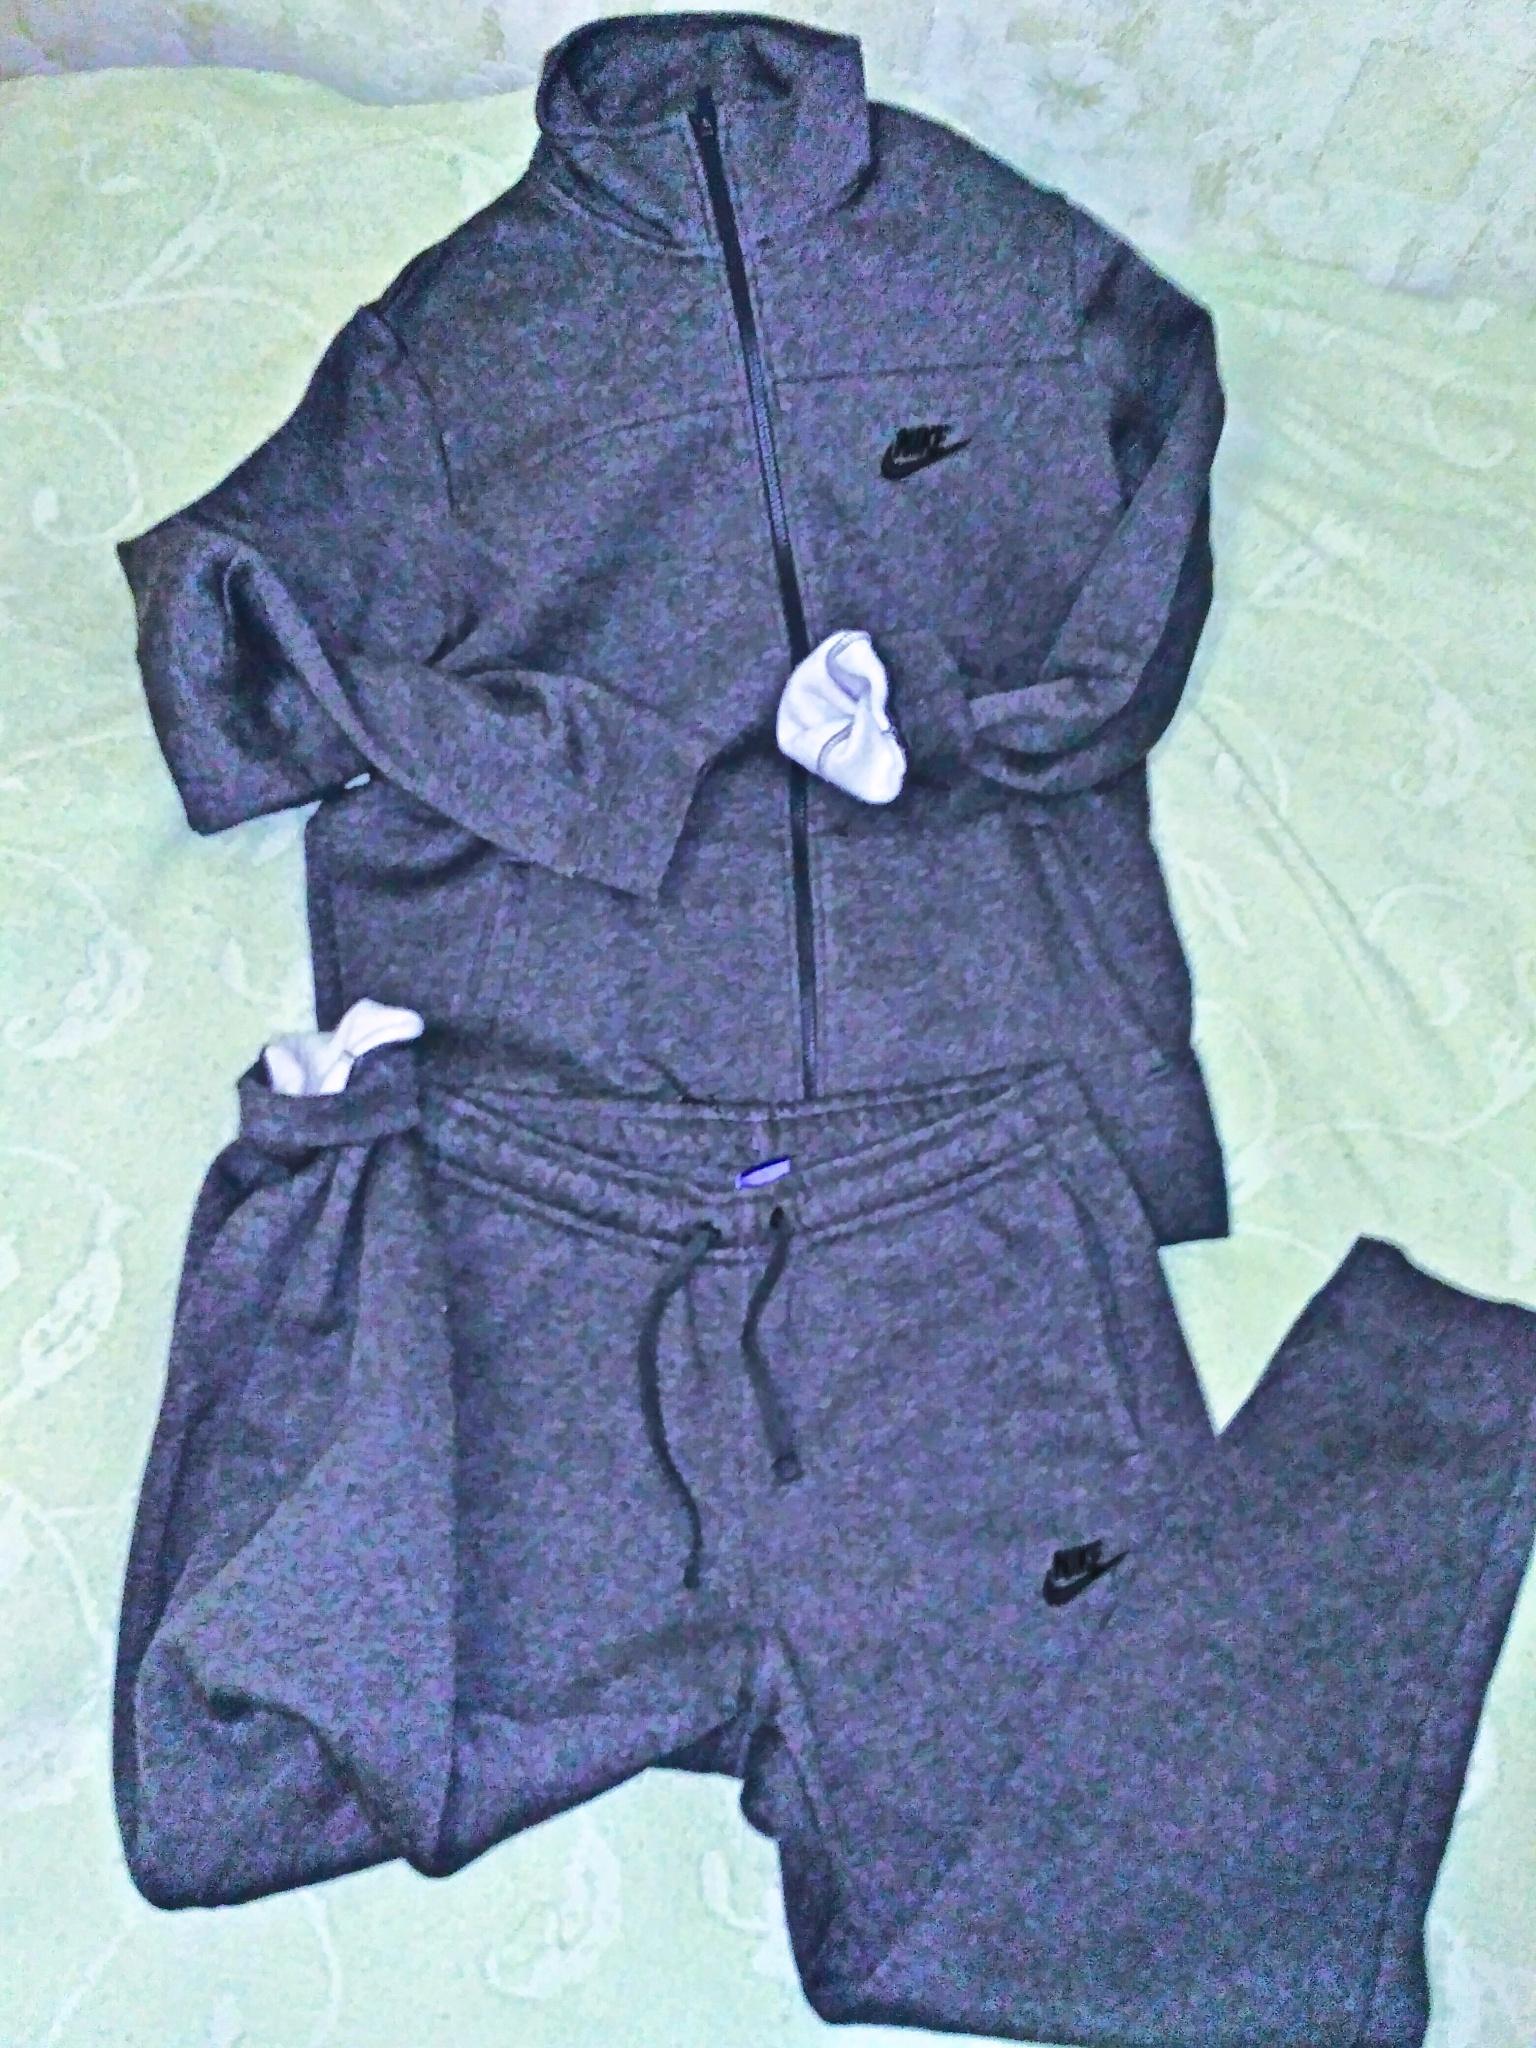 Обзор на Спортивный костюм NIKE Nsw Trk Suit 861776-071 мужской, цвет серый, d9cd2d5662e